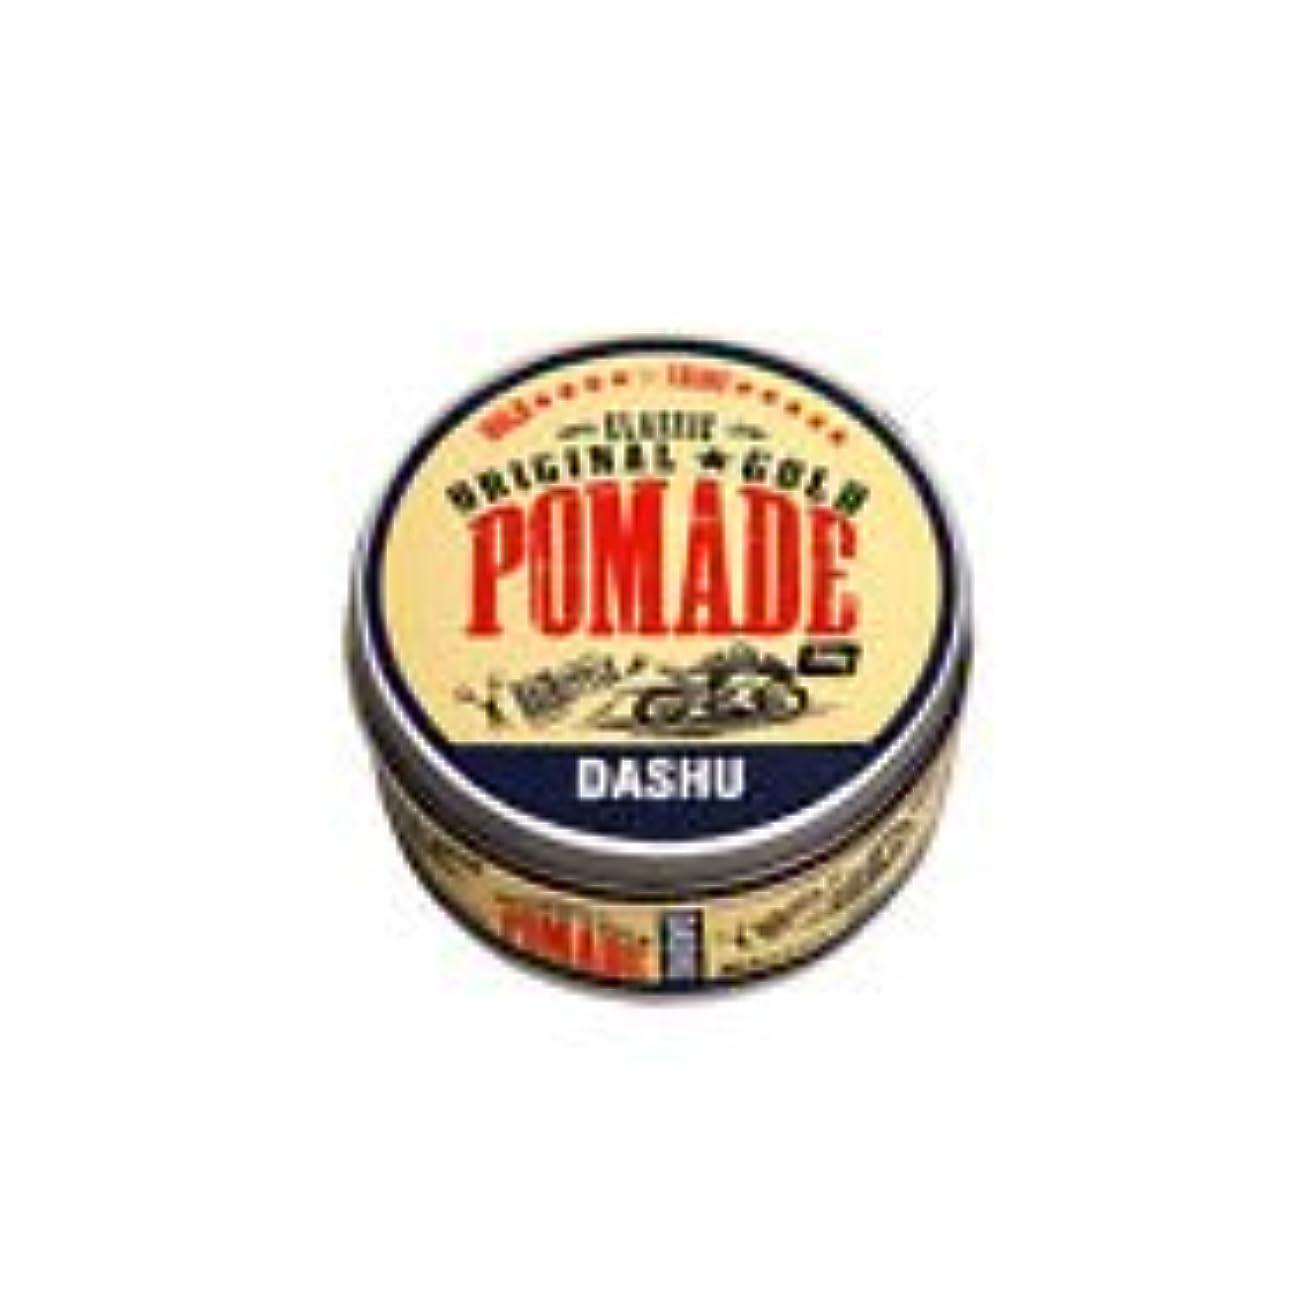 剣ましい保証[DASHU] ダシュ クラシックオリジナルゴールドポマードヘアワックス Classic Original Gold Pomade Hair Wax 100ml / 韓国製 . 韓国直送品